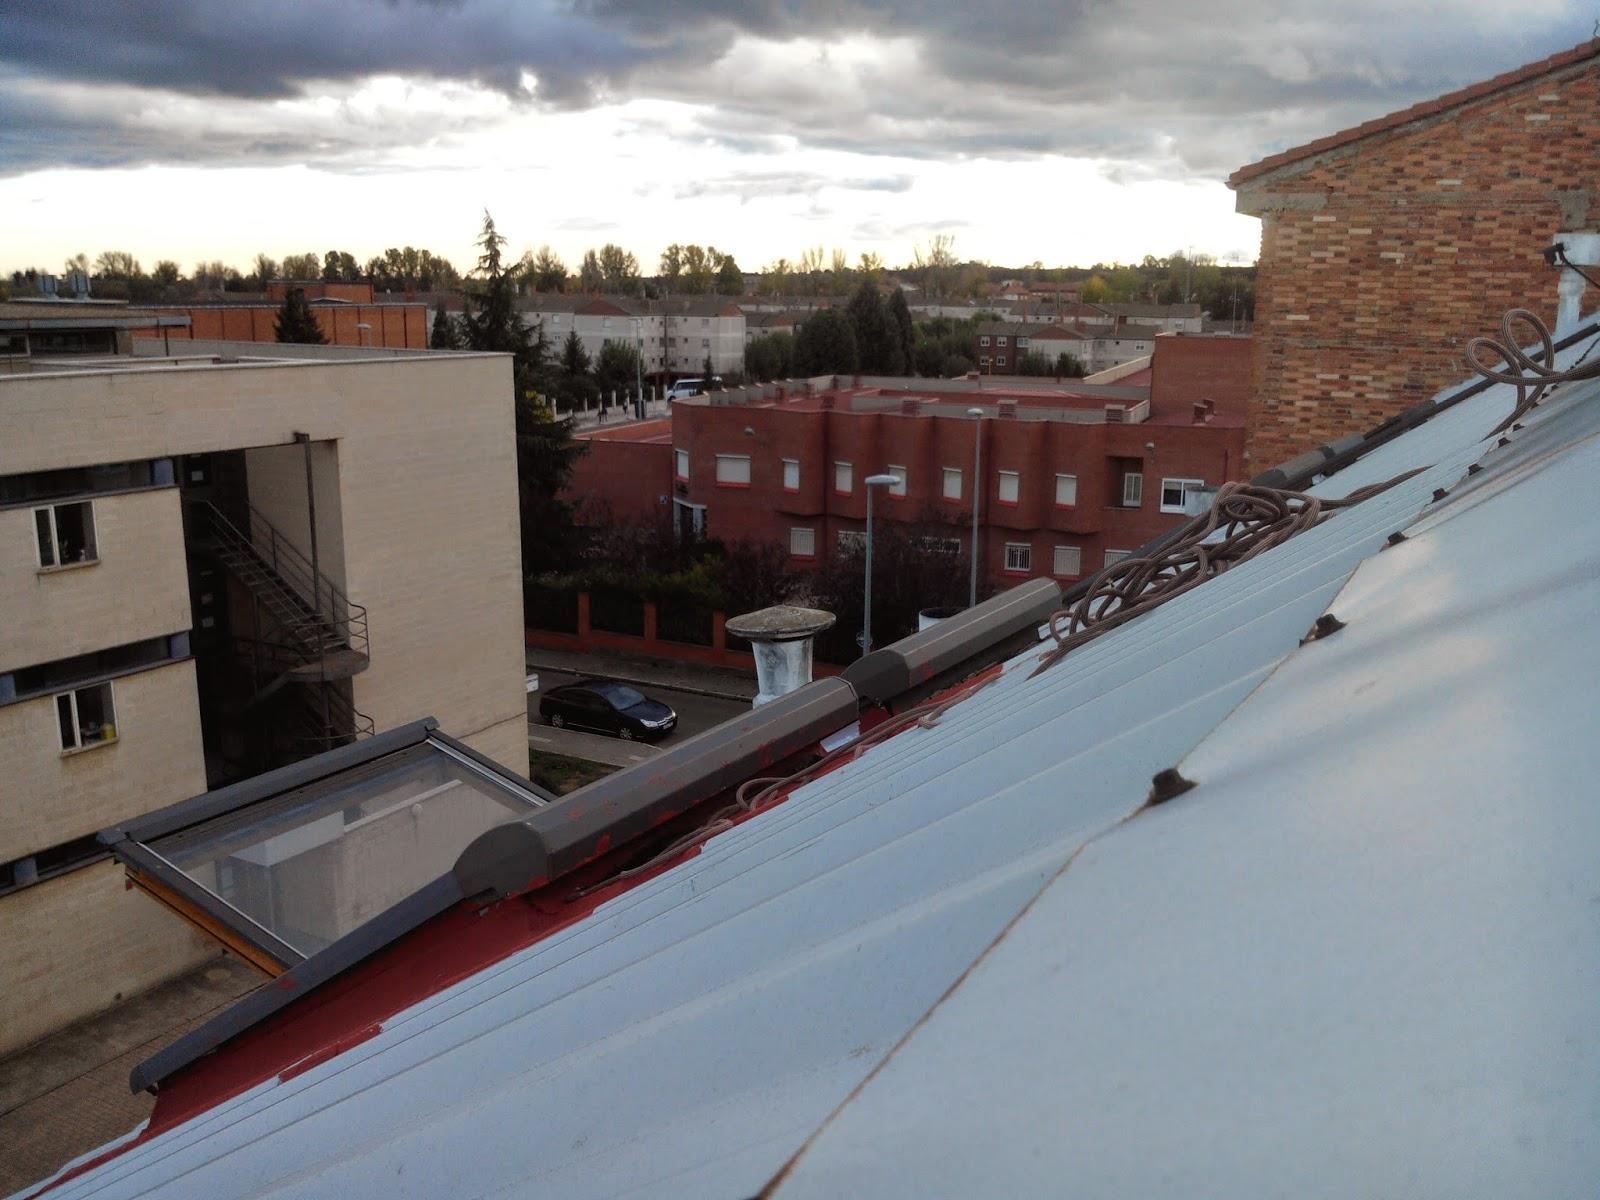 Estamos realizando reparaciones de goteras en cubiertas de panel sándwich en León y provincia. Somos una empresa que se dedica a las reparaciones y reformas de cubiertas de todo tipo en León información en el tlf 618848709 y 987846623, pide tu presupuesto sin compromiso.